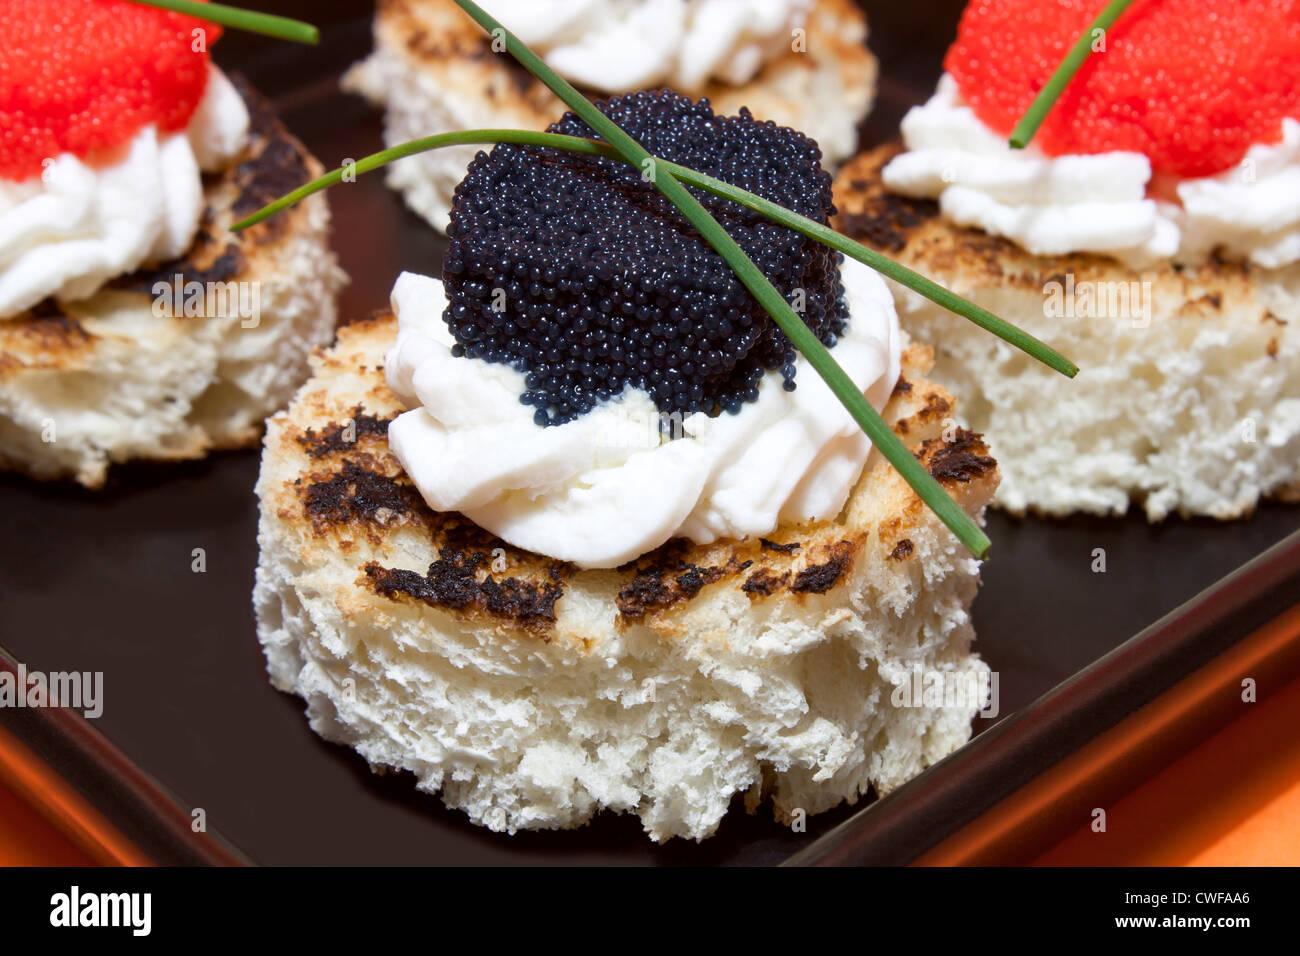 Canapés de caviar rojo y negro decorado con cebollino. Foto de stock